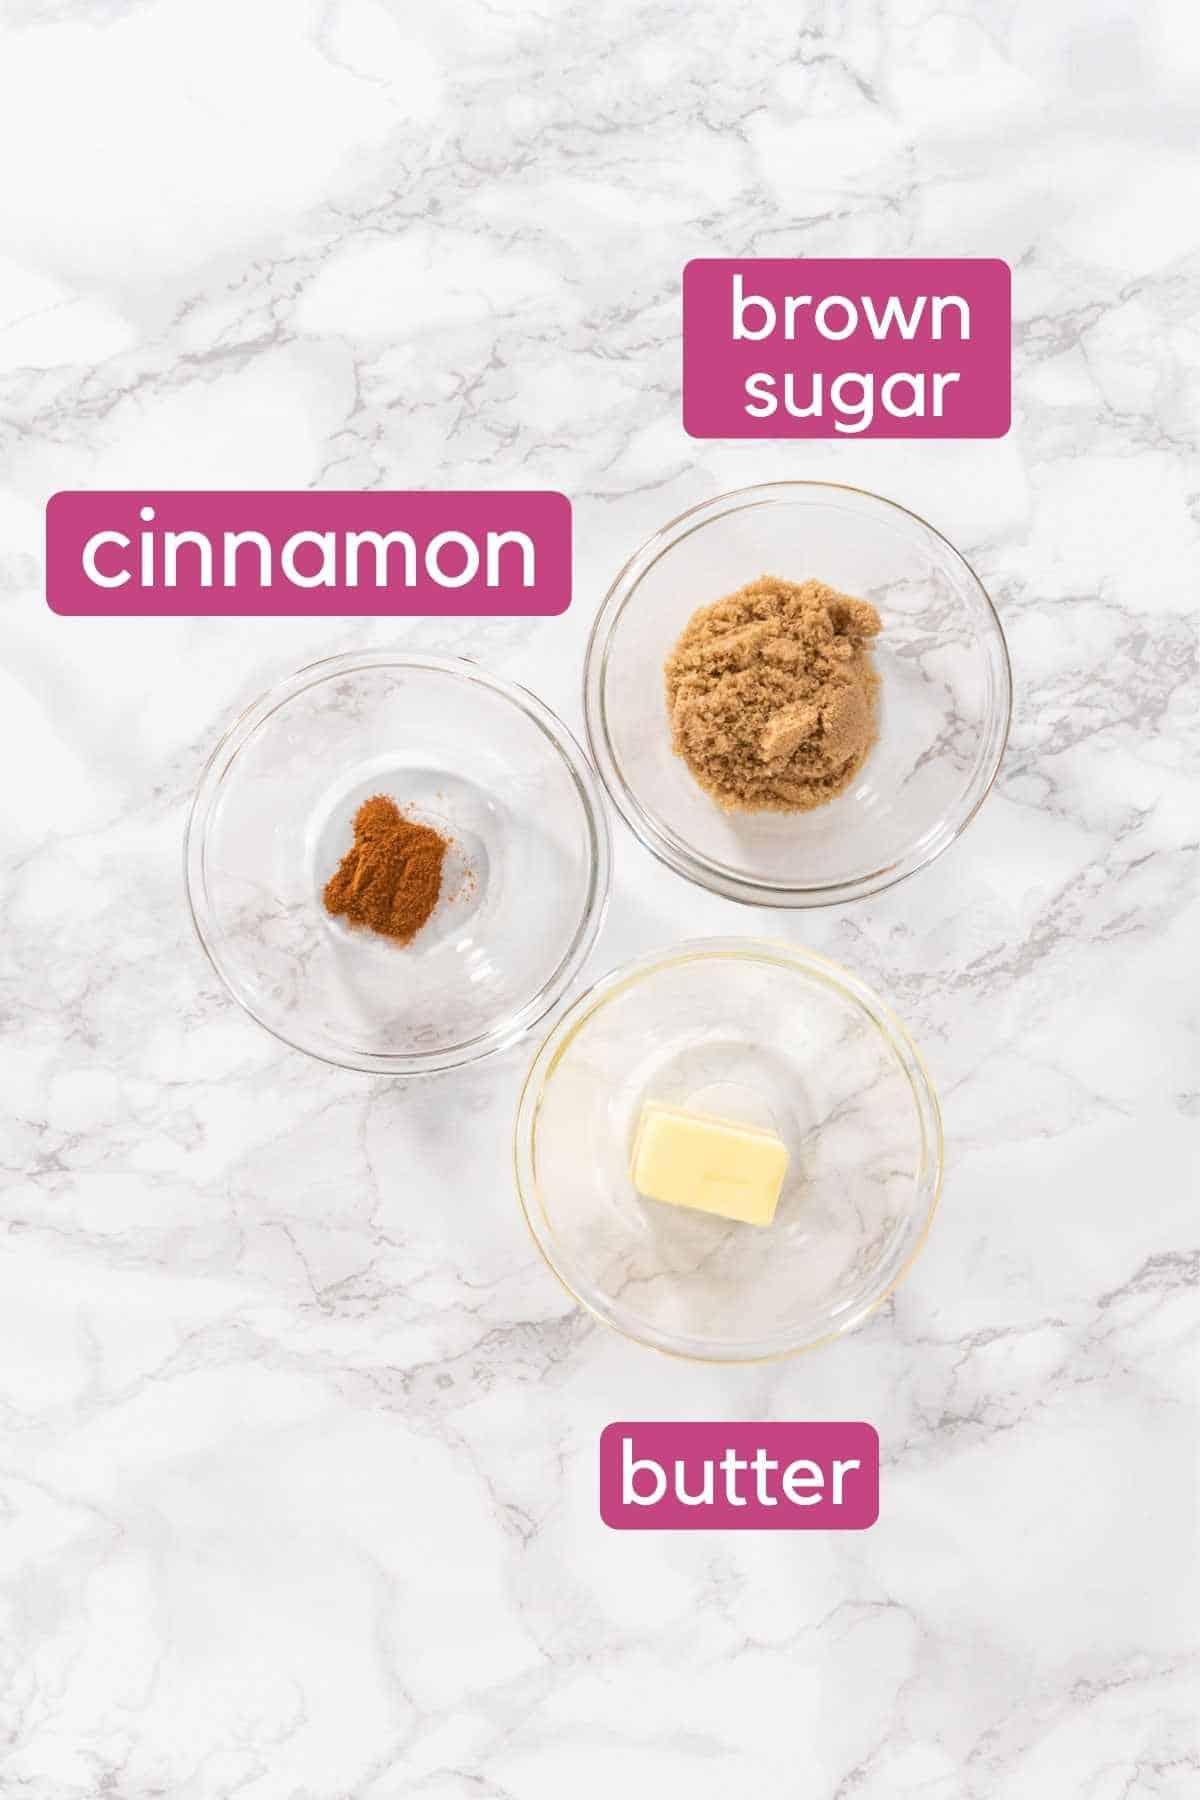 Baked Cinnamon Roll Donut Cinnamon Swirl Ingredients.